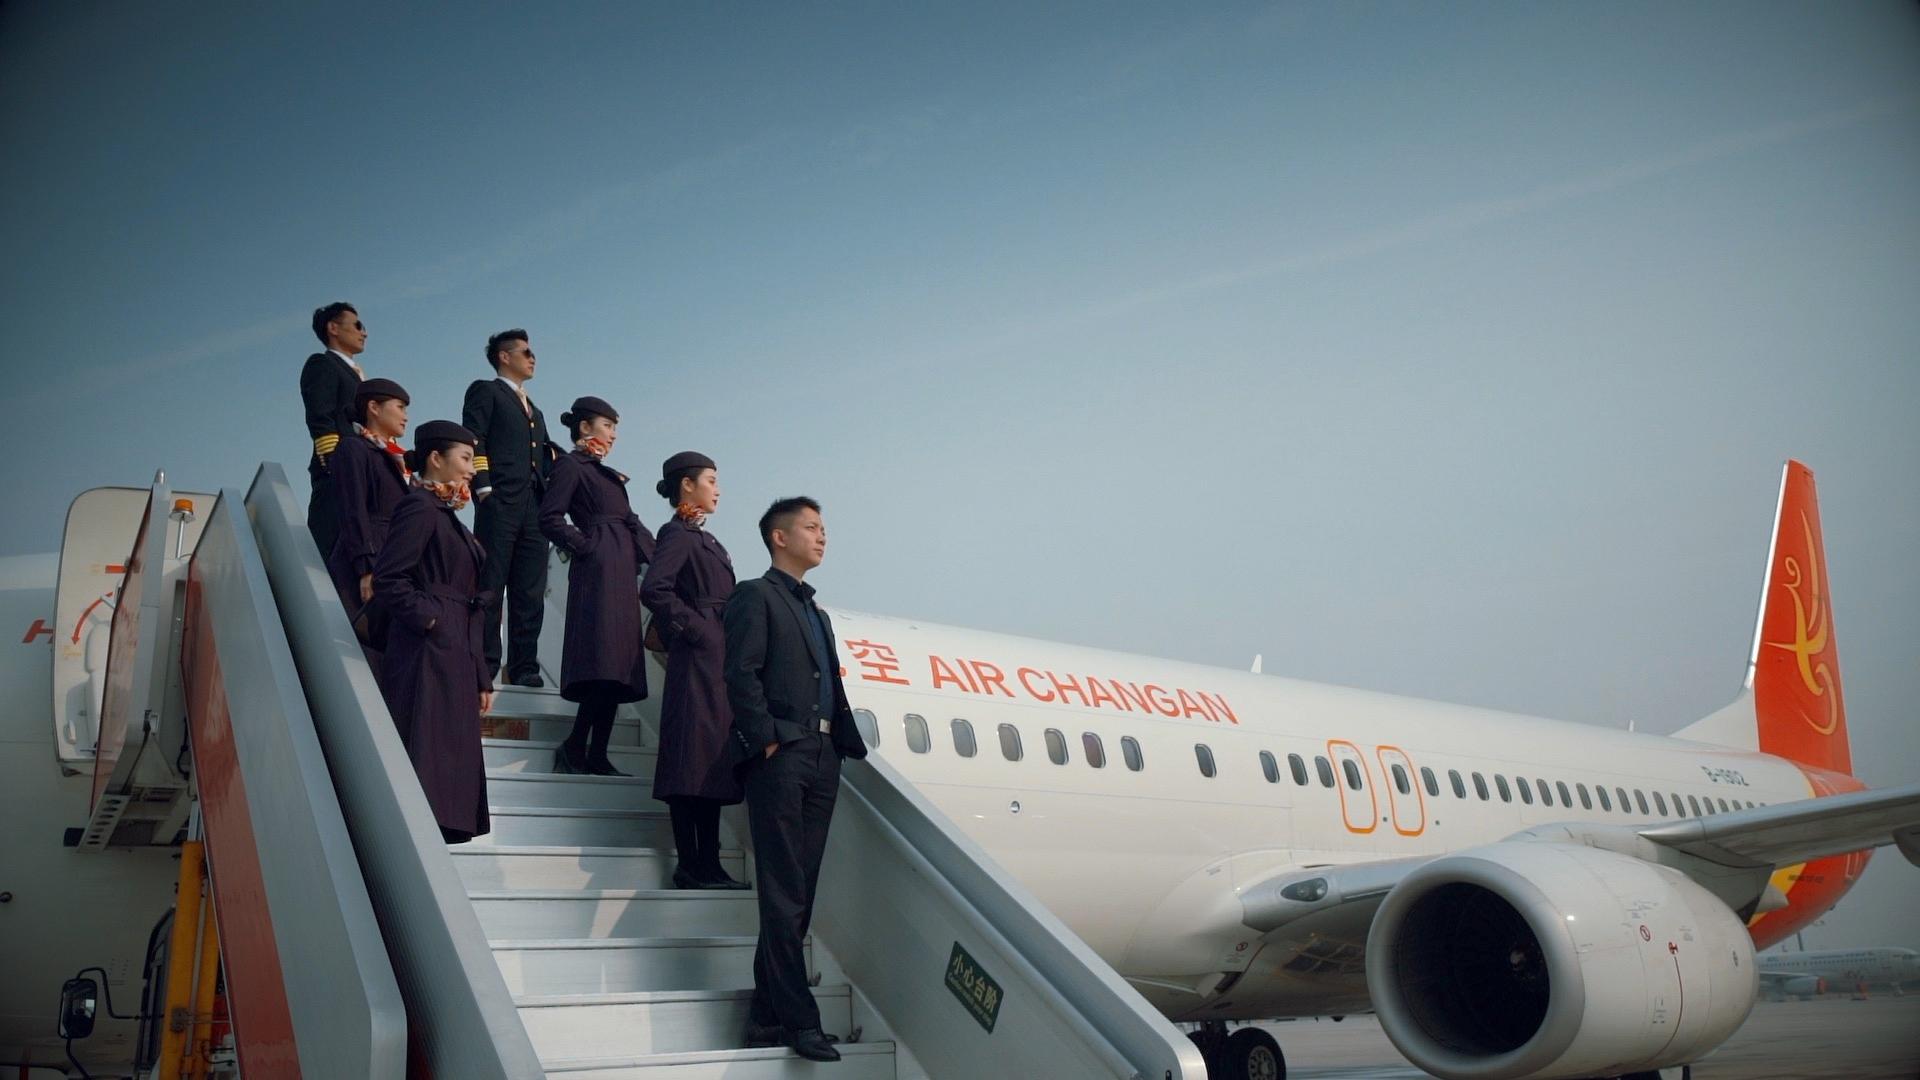 长安航空于2019年12月为牟天一原创歌曲《理想》拍摄MV